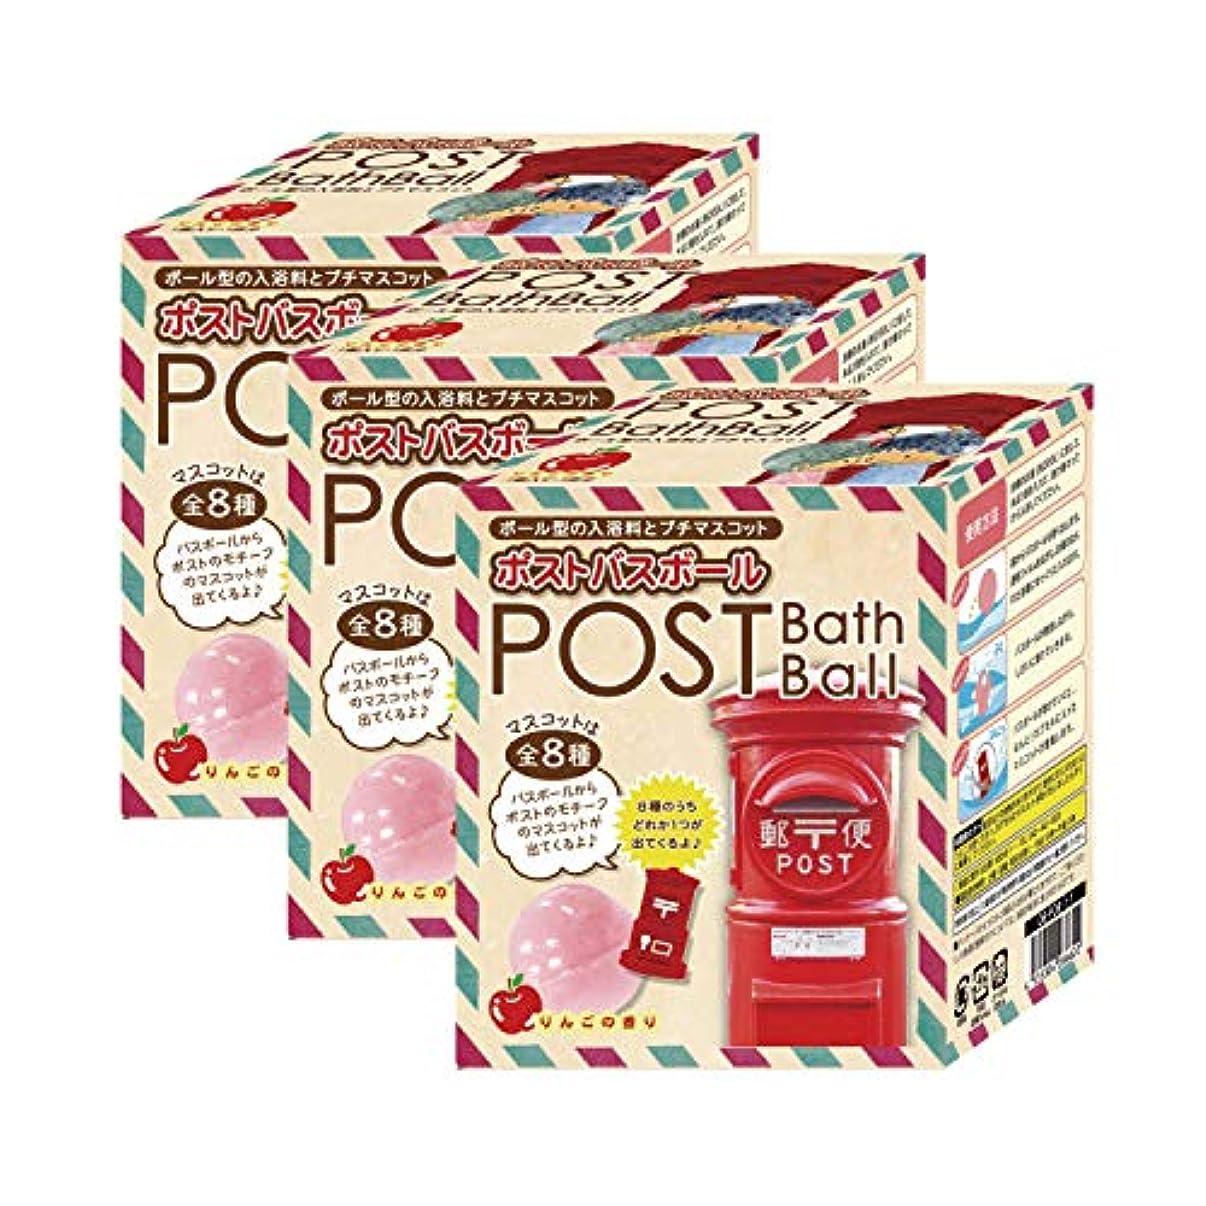 迅速正確な普通の郵便ポスト 入浴剤 バスボール おまけ付き りんごの香り 60g 3個セット